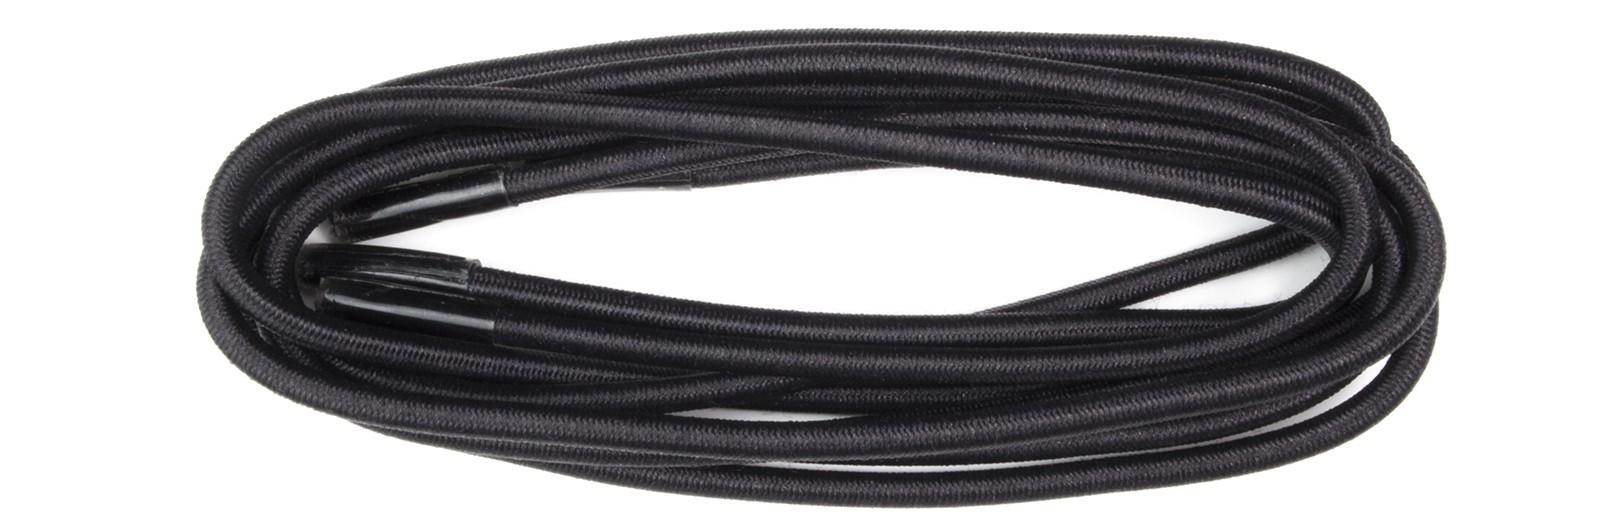 Black 75cm Elastic Round